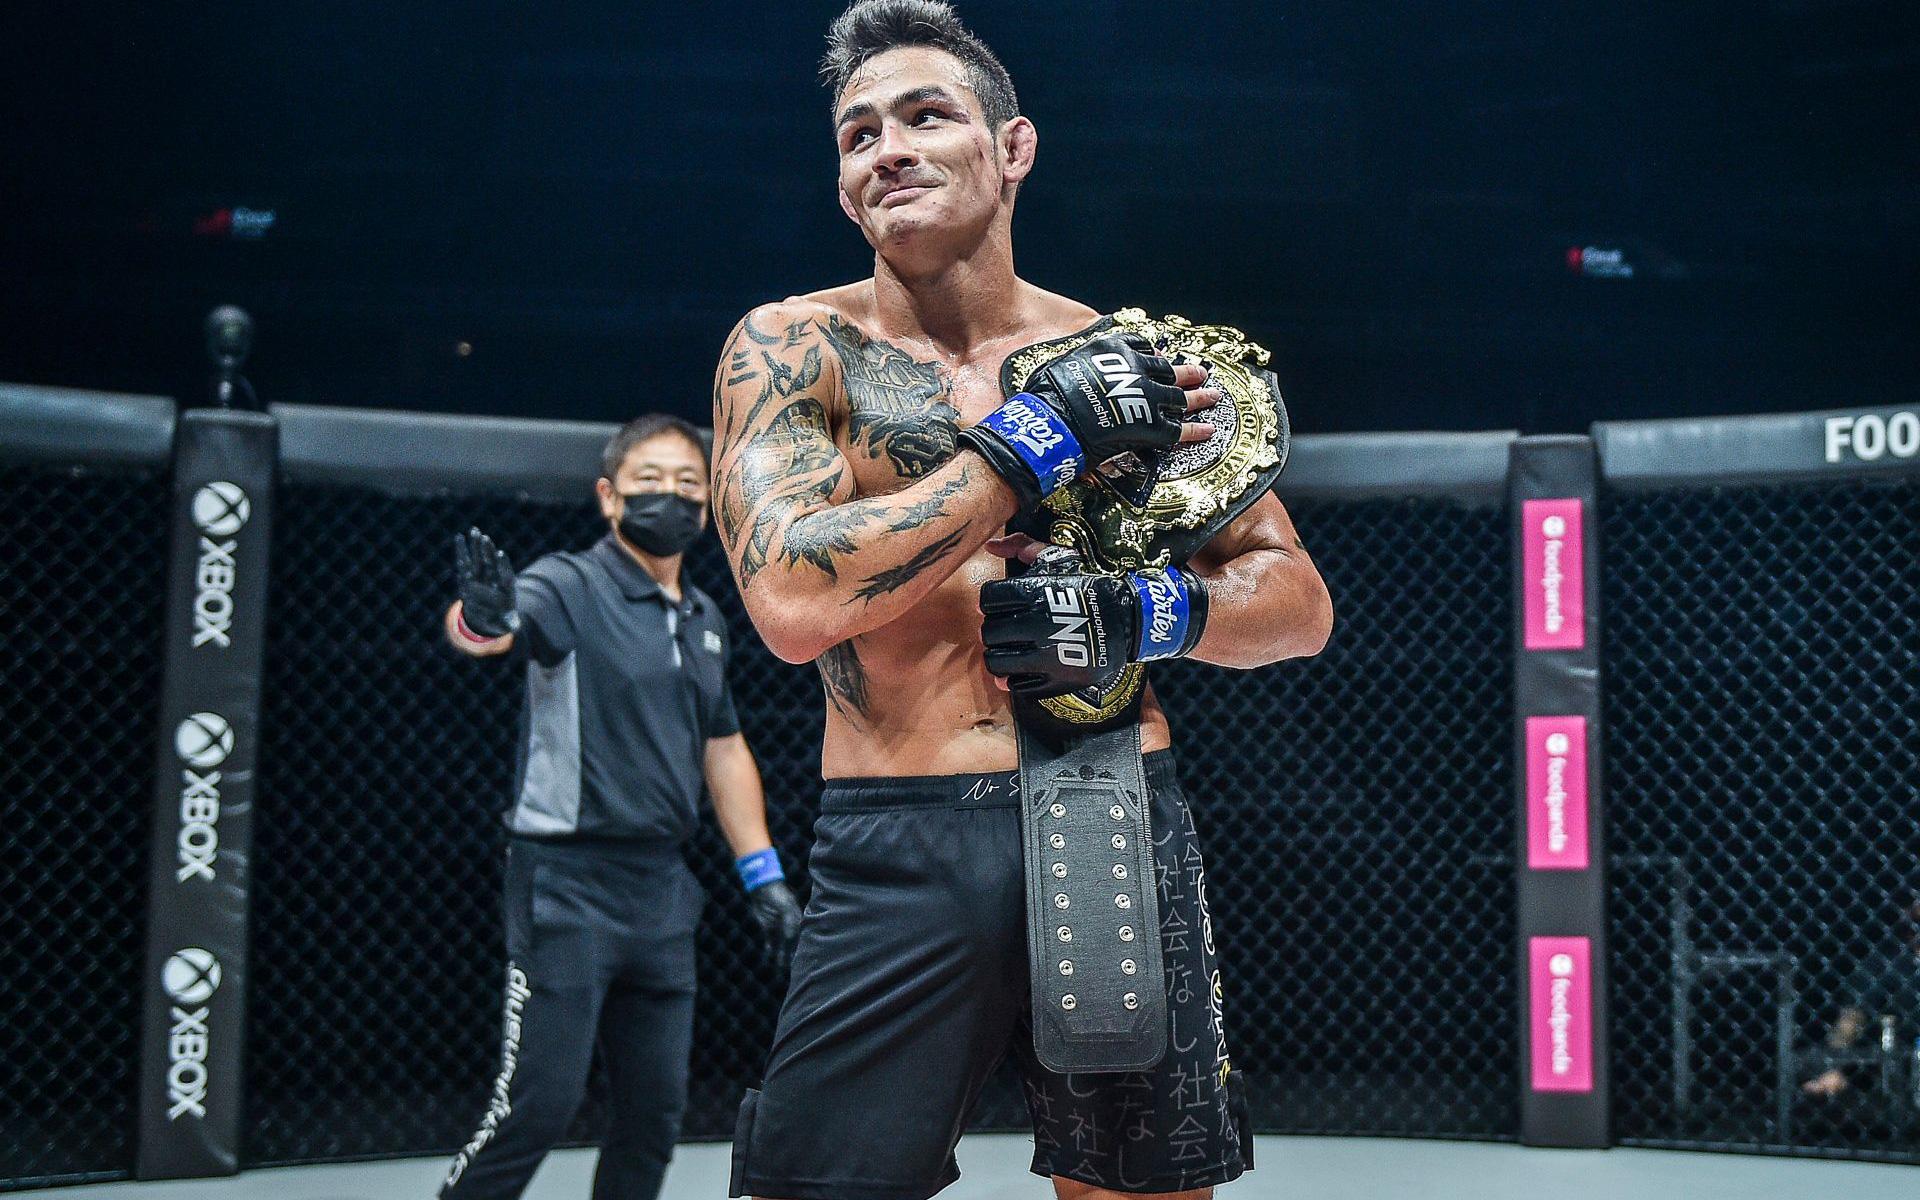 Thành Lê: Martin Nguyễn là võ sĩ tuyệt vời, tôi sẵn sàng tái đấu với cậu ấy